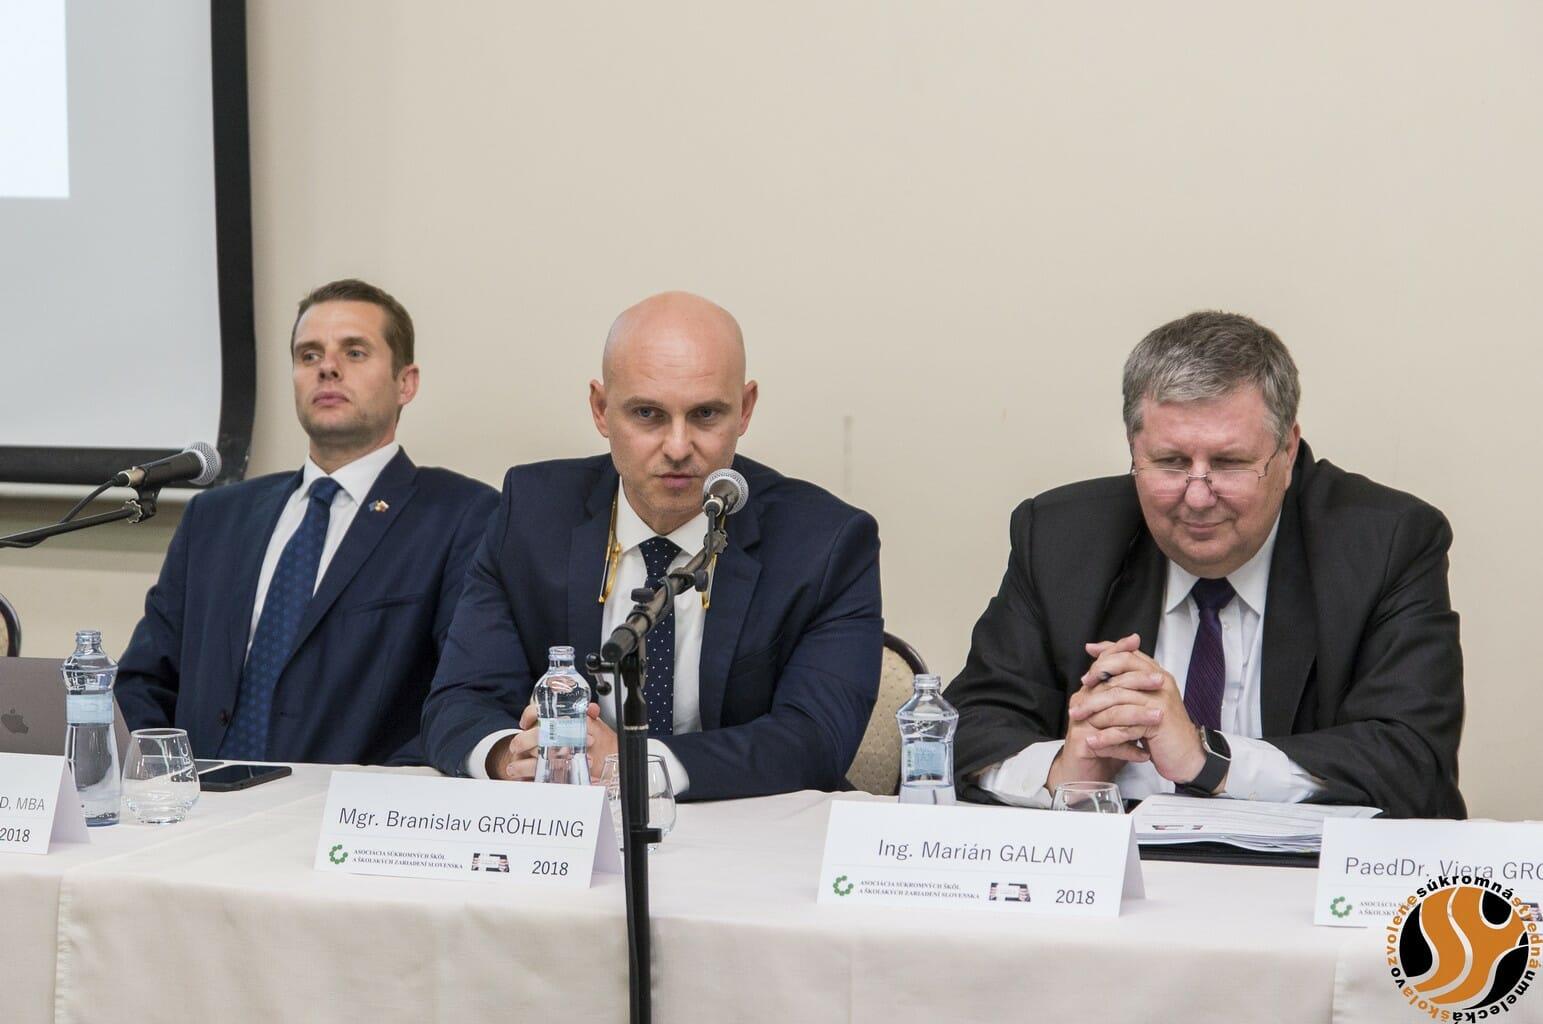 ASŠŠZS: B. Gröhlinga považujeme za ministra s pripravenými riešeniami